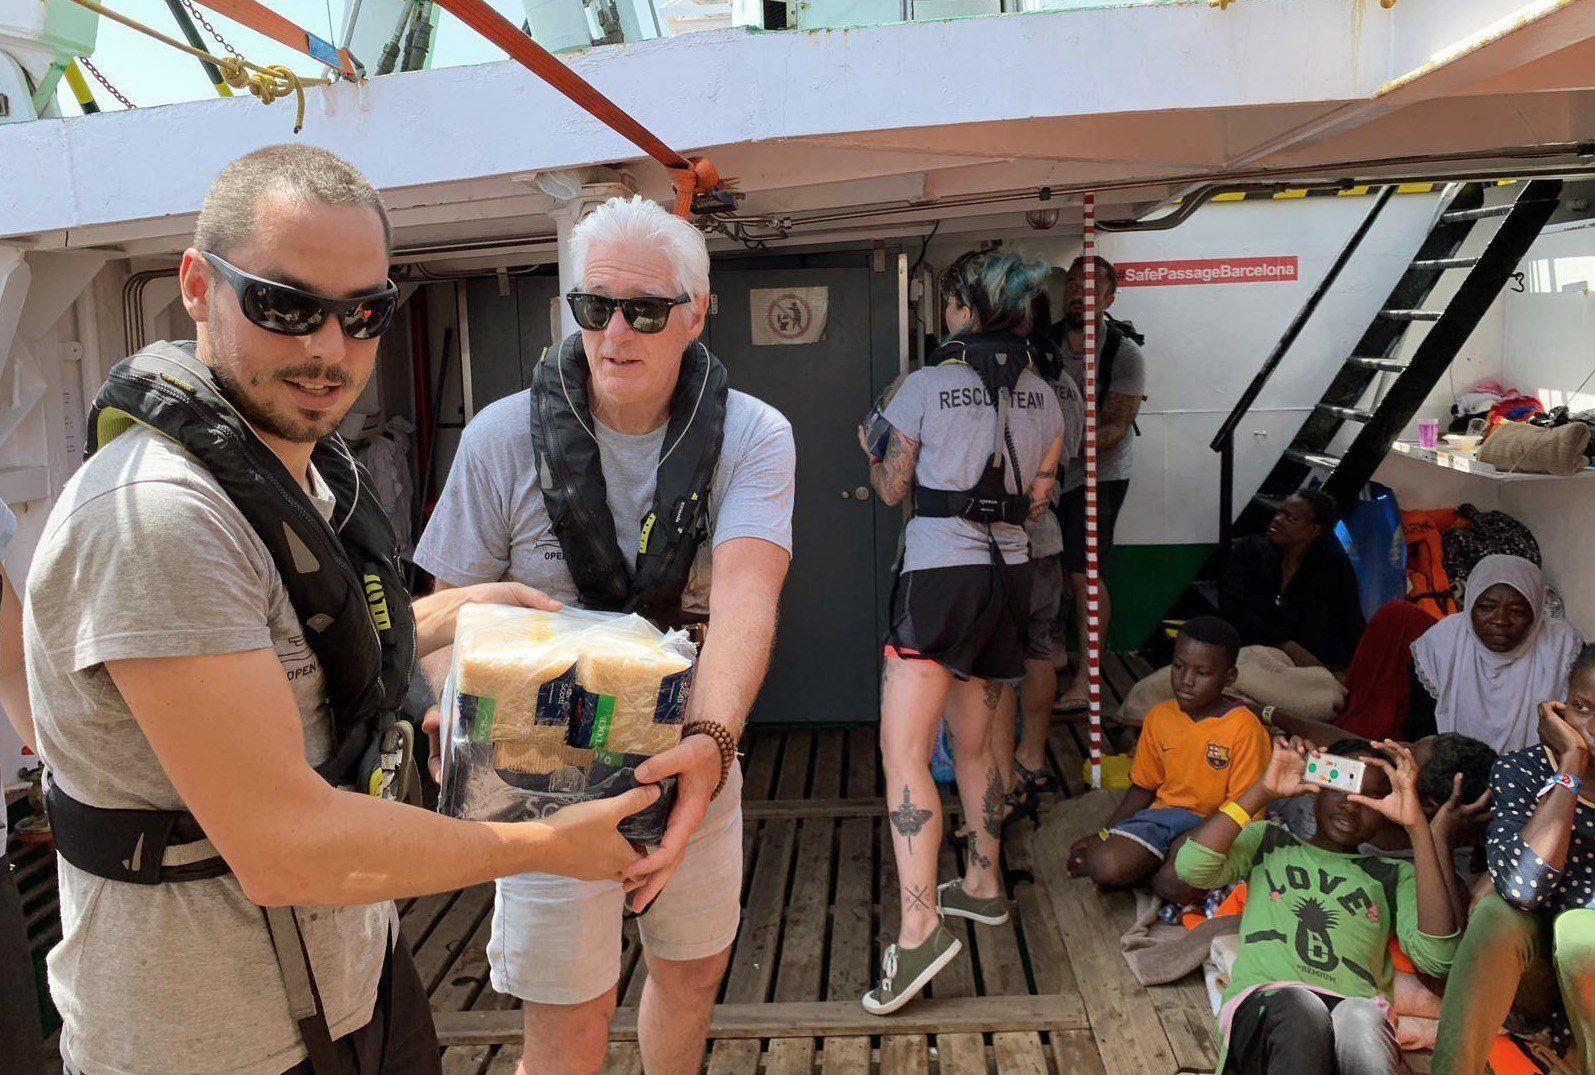 Richard Gere llevó comida y provisiones a barco con inmigrantes rescatados. (Foto: EFE)